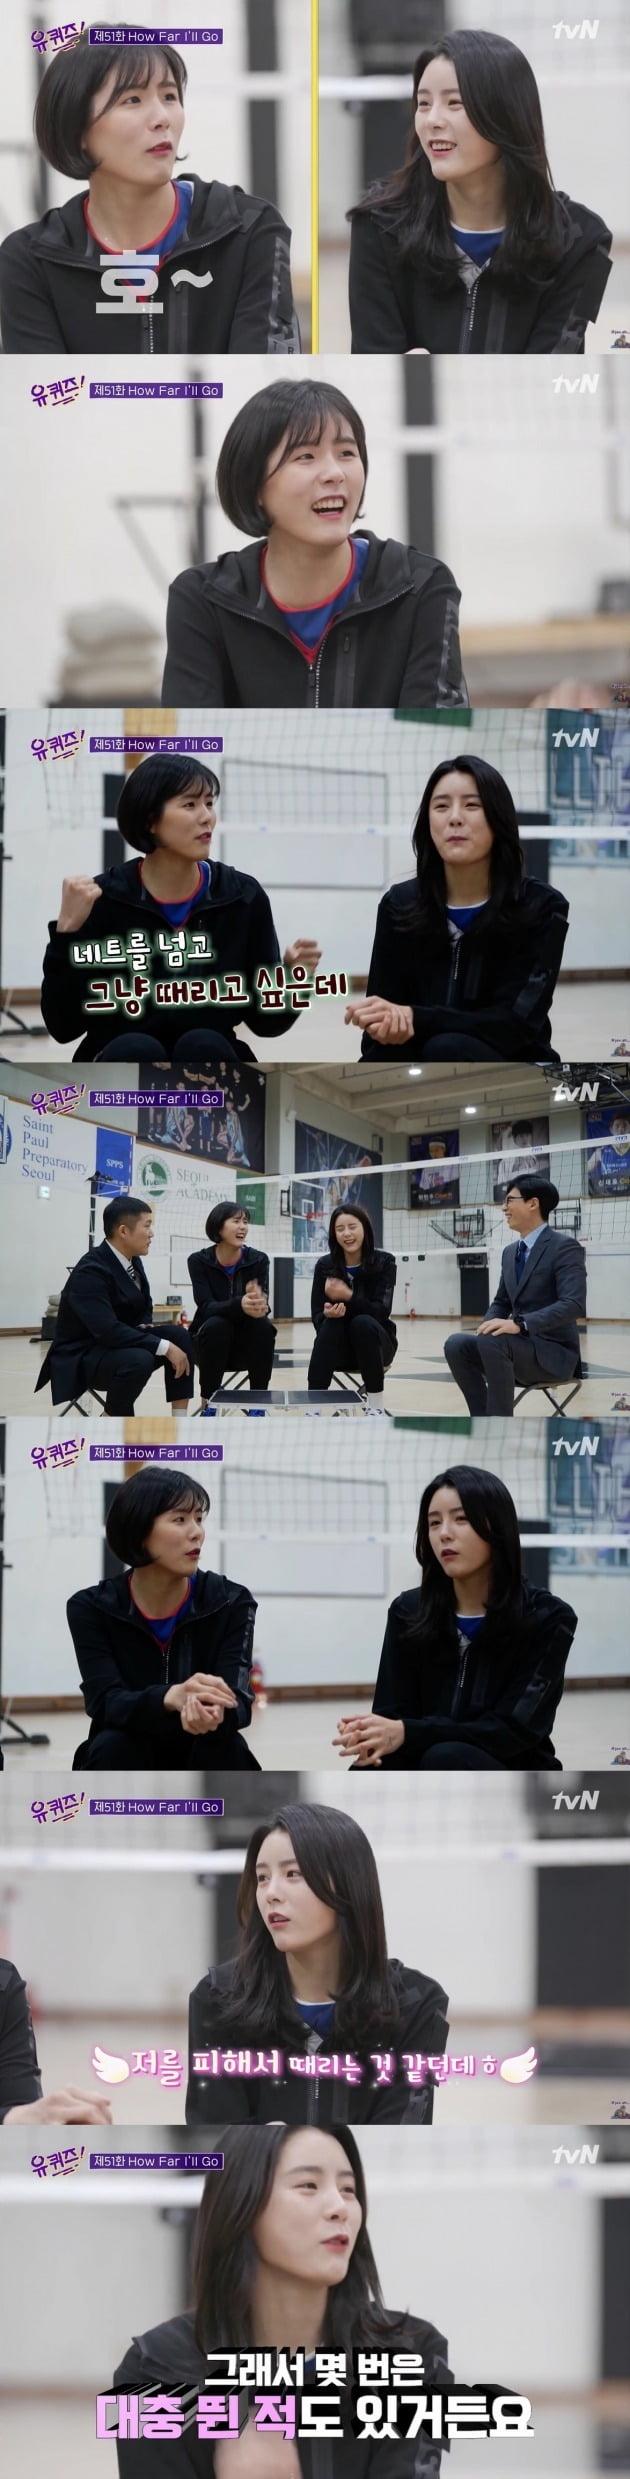 '유 퀴즈 온 더 블럭'에 출연했던 쌍둥이 배구 선수 이재영-이다영. / 사진=tvN '유 퀴즈 온 더 블럭' 캡처